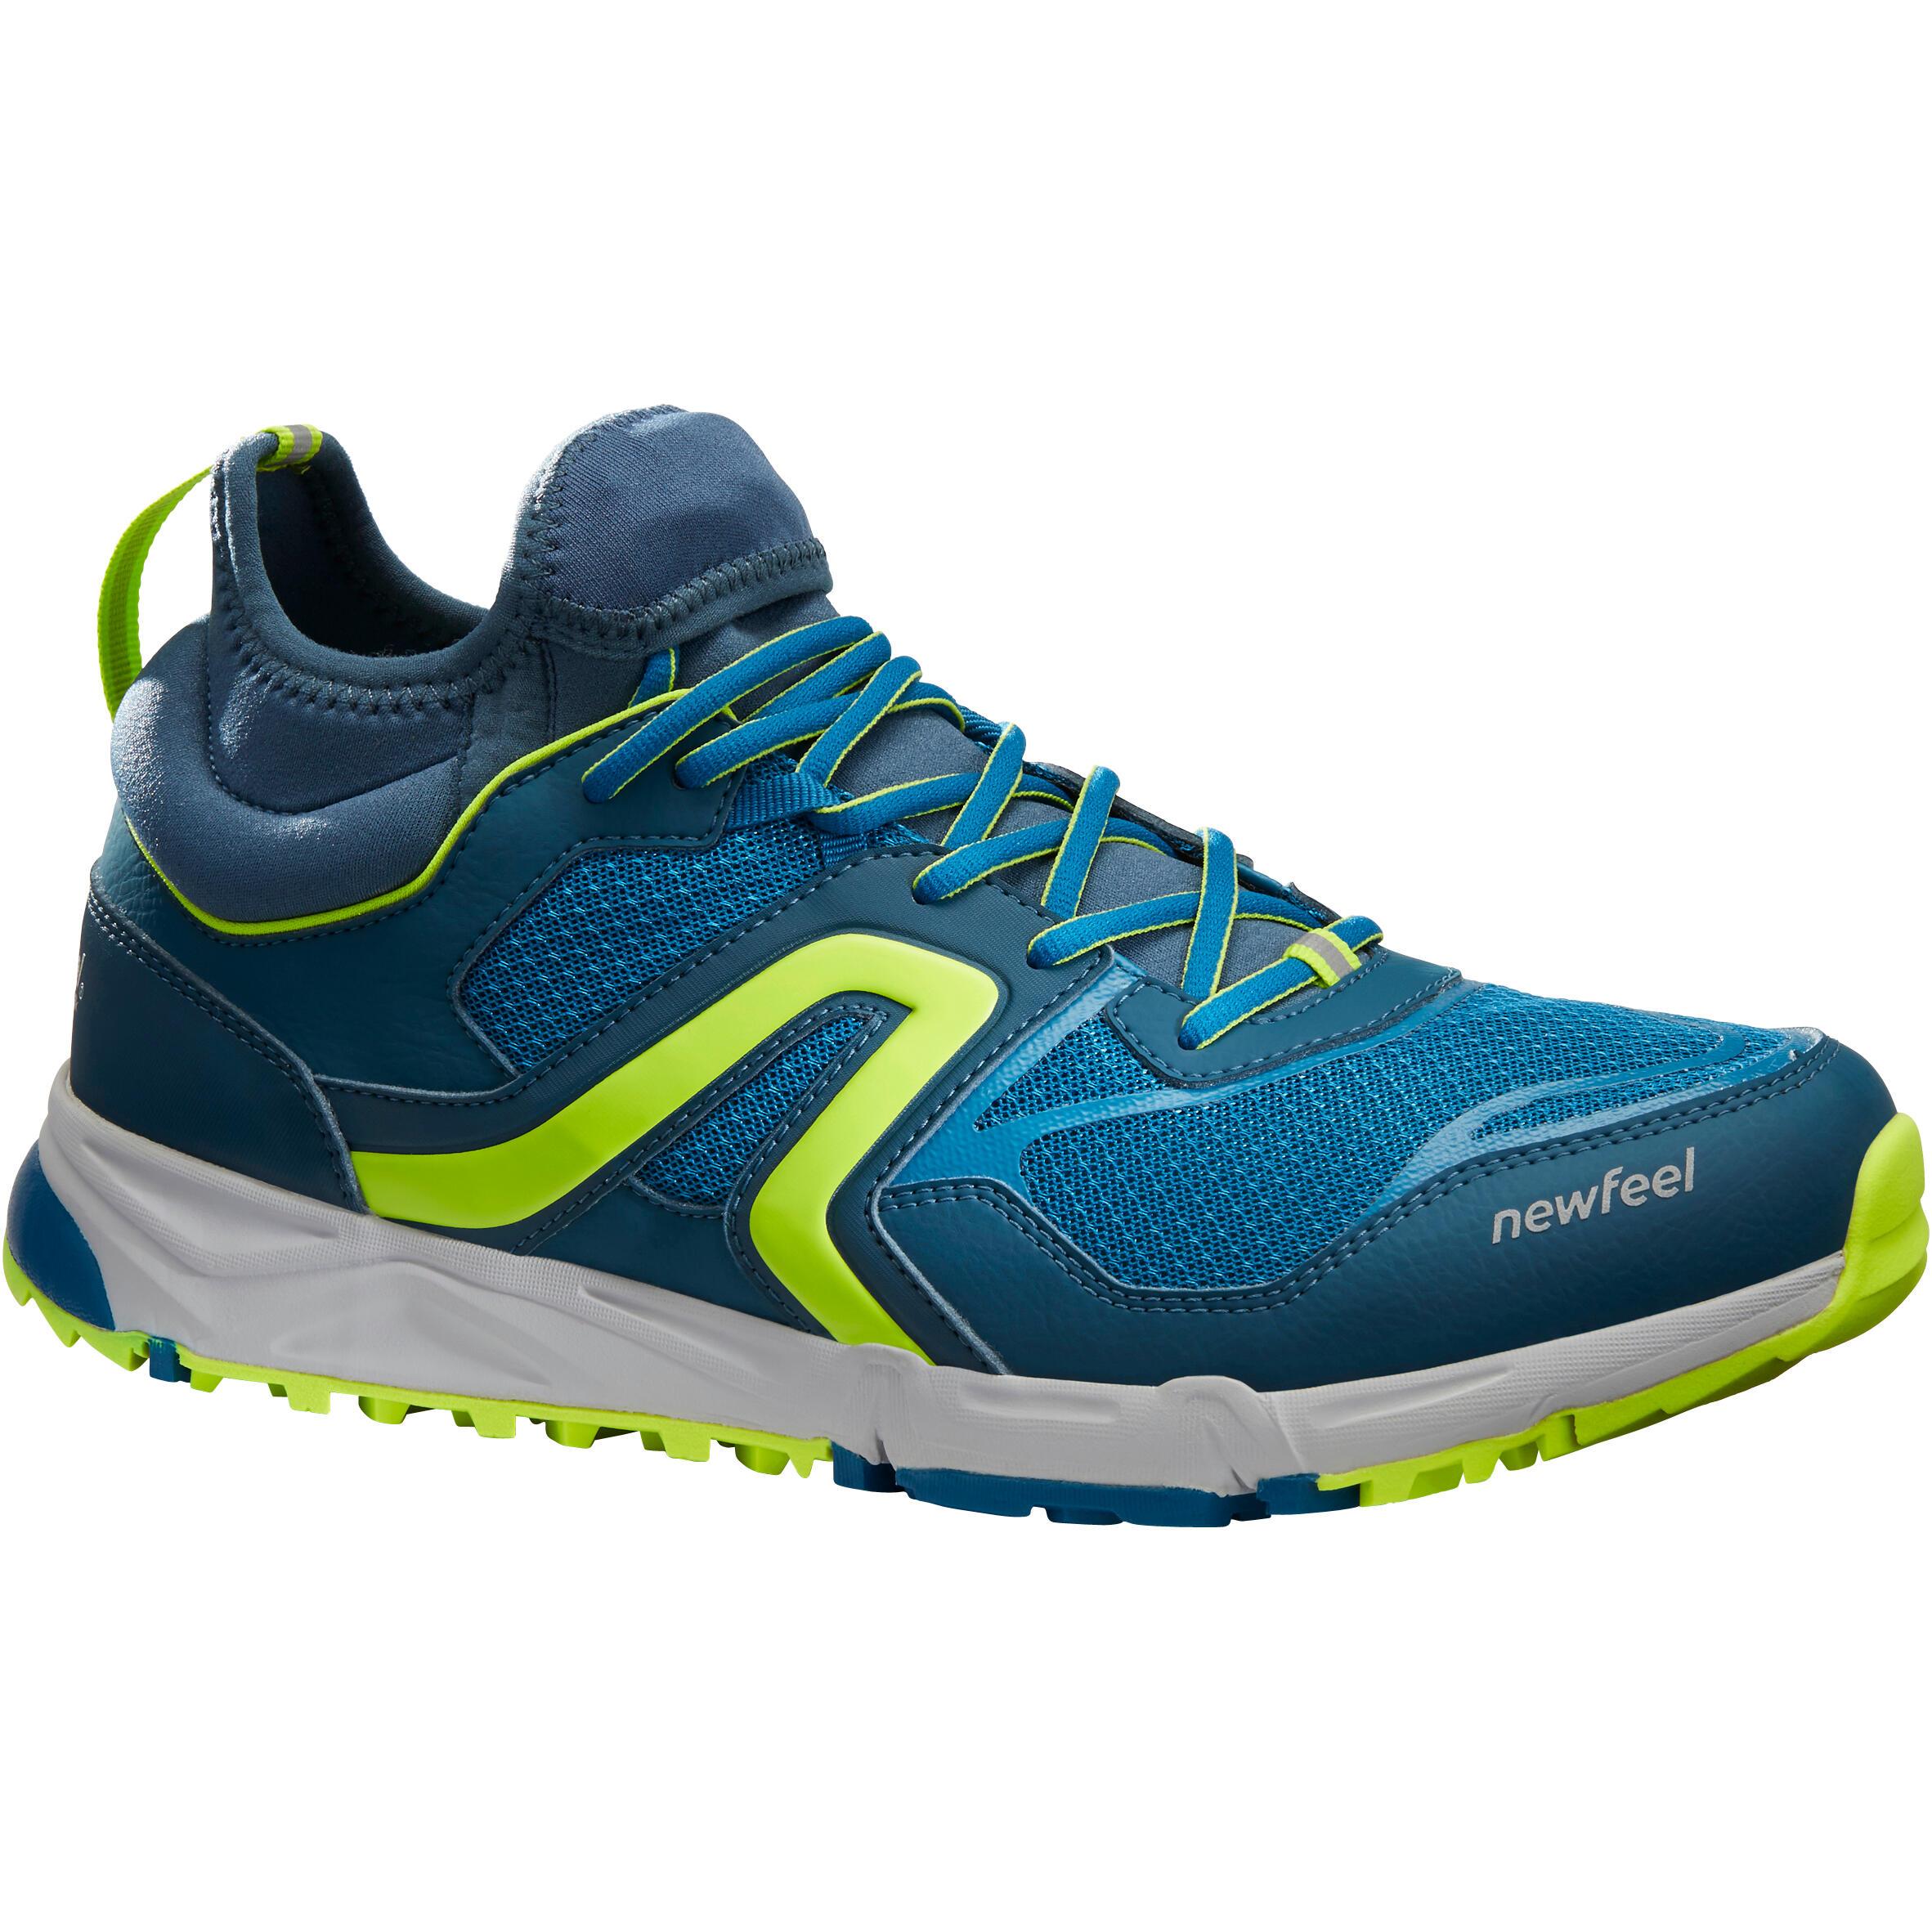 Newfeel Nordic walking schoenen voor heren NW 500 Flex-H pauwblauw/anijsgroen